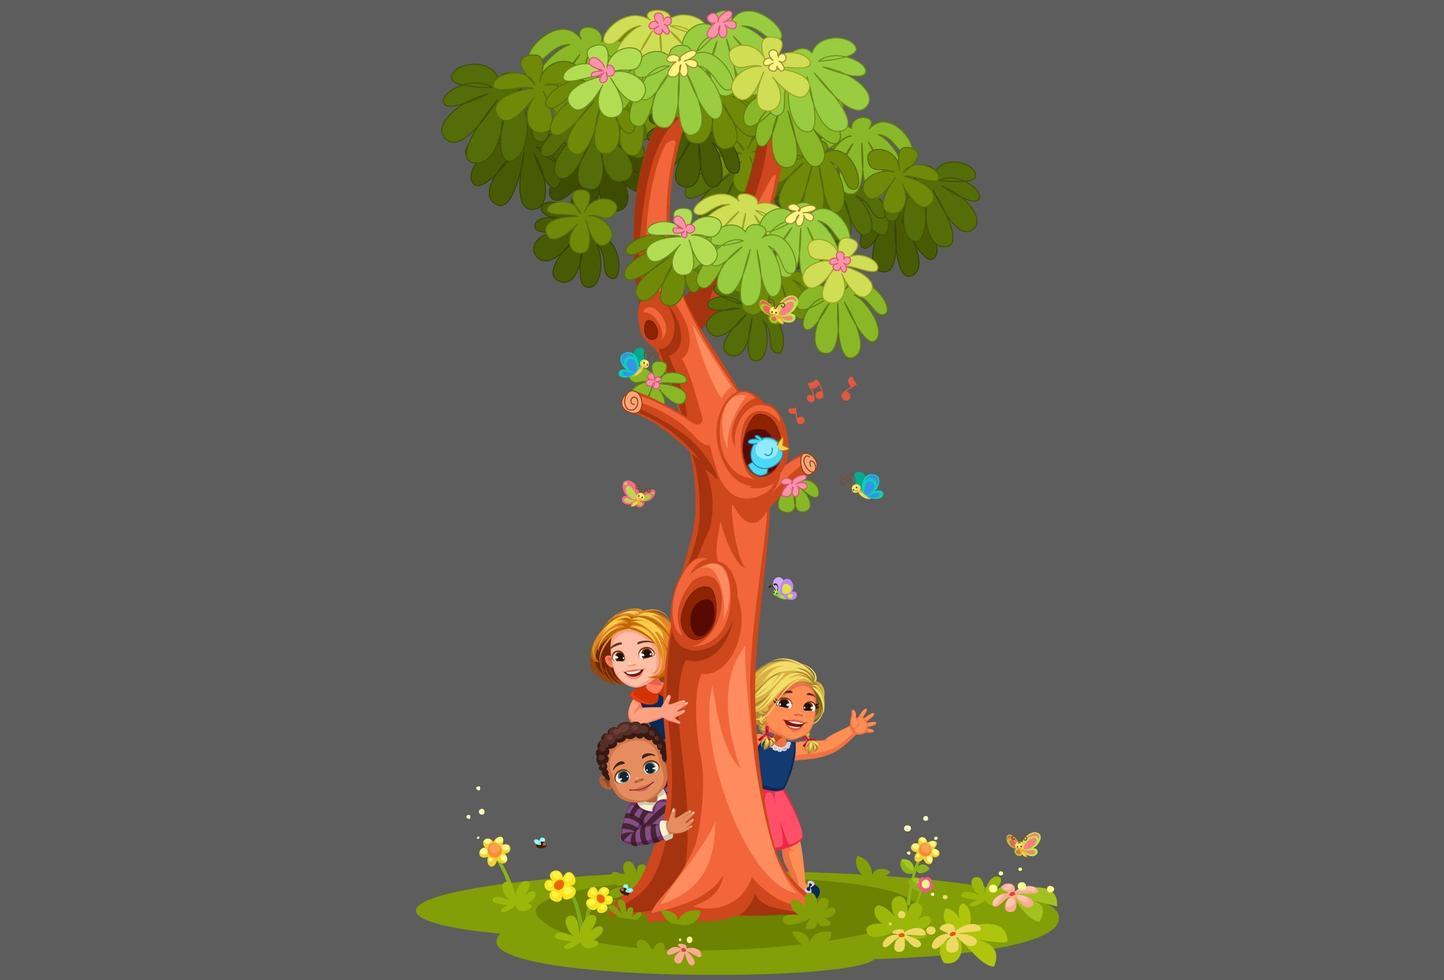 enfants lorgnant derrière l & # 39; arbre vecteur